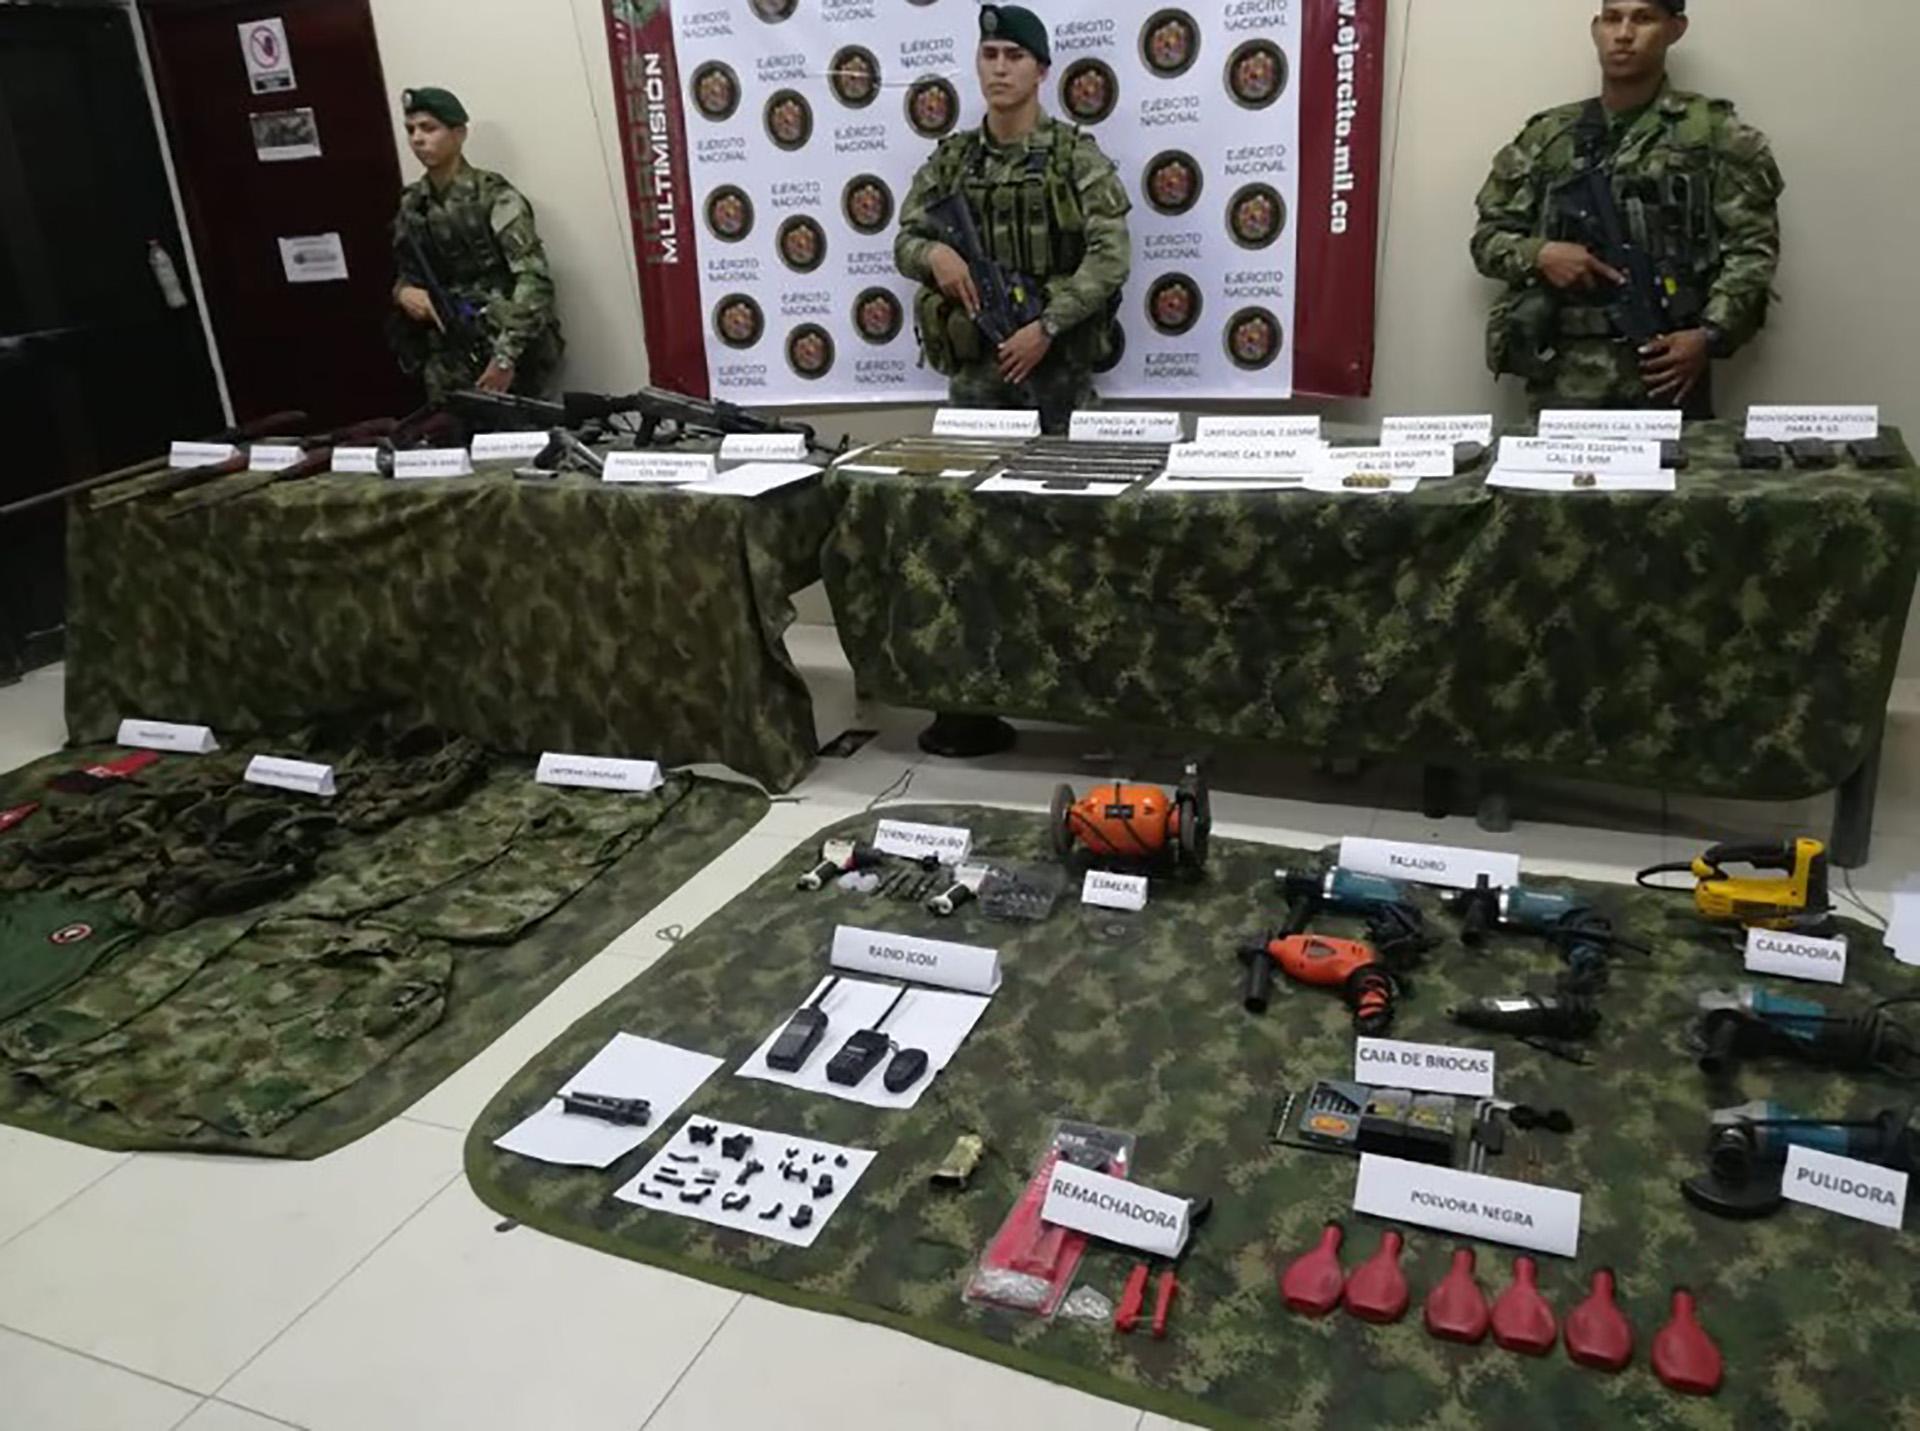 Elementos encontrados en el taller de fabricación de explosivos del ELN.